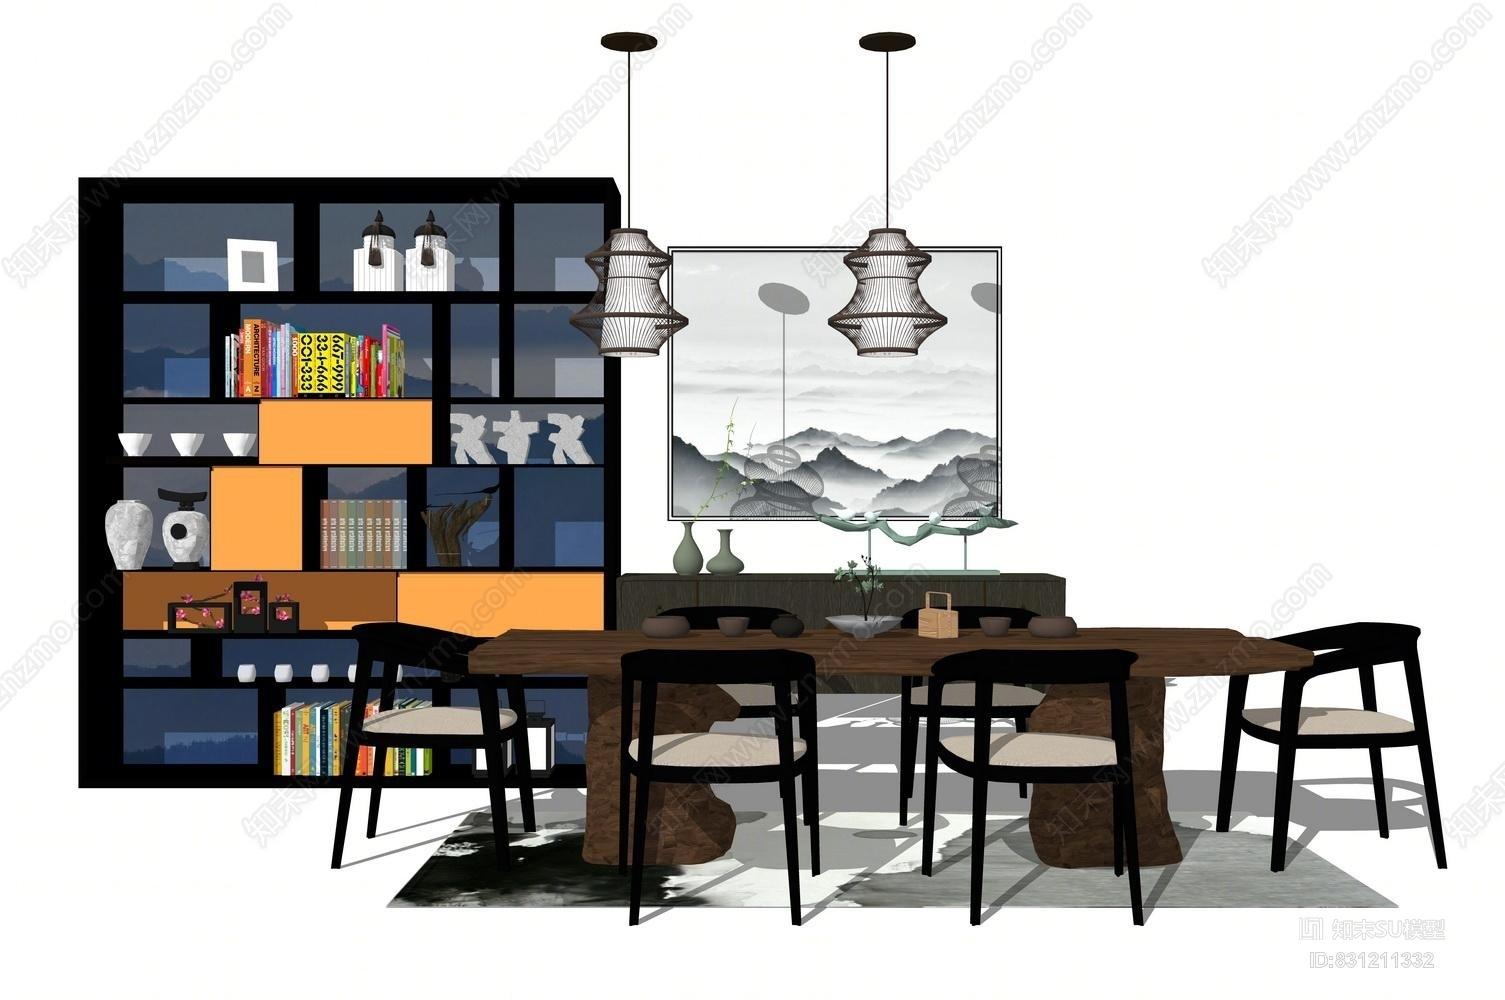 新中式泡茶桌 书桌 书柜 吊灯 挂画  装饰品组合SU模型书桌 餐厅 餐桌 家具 写字台